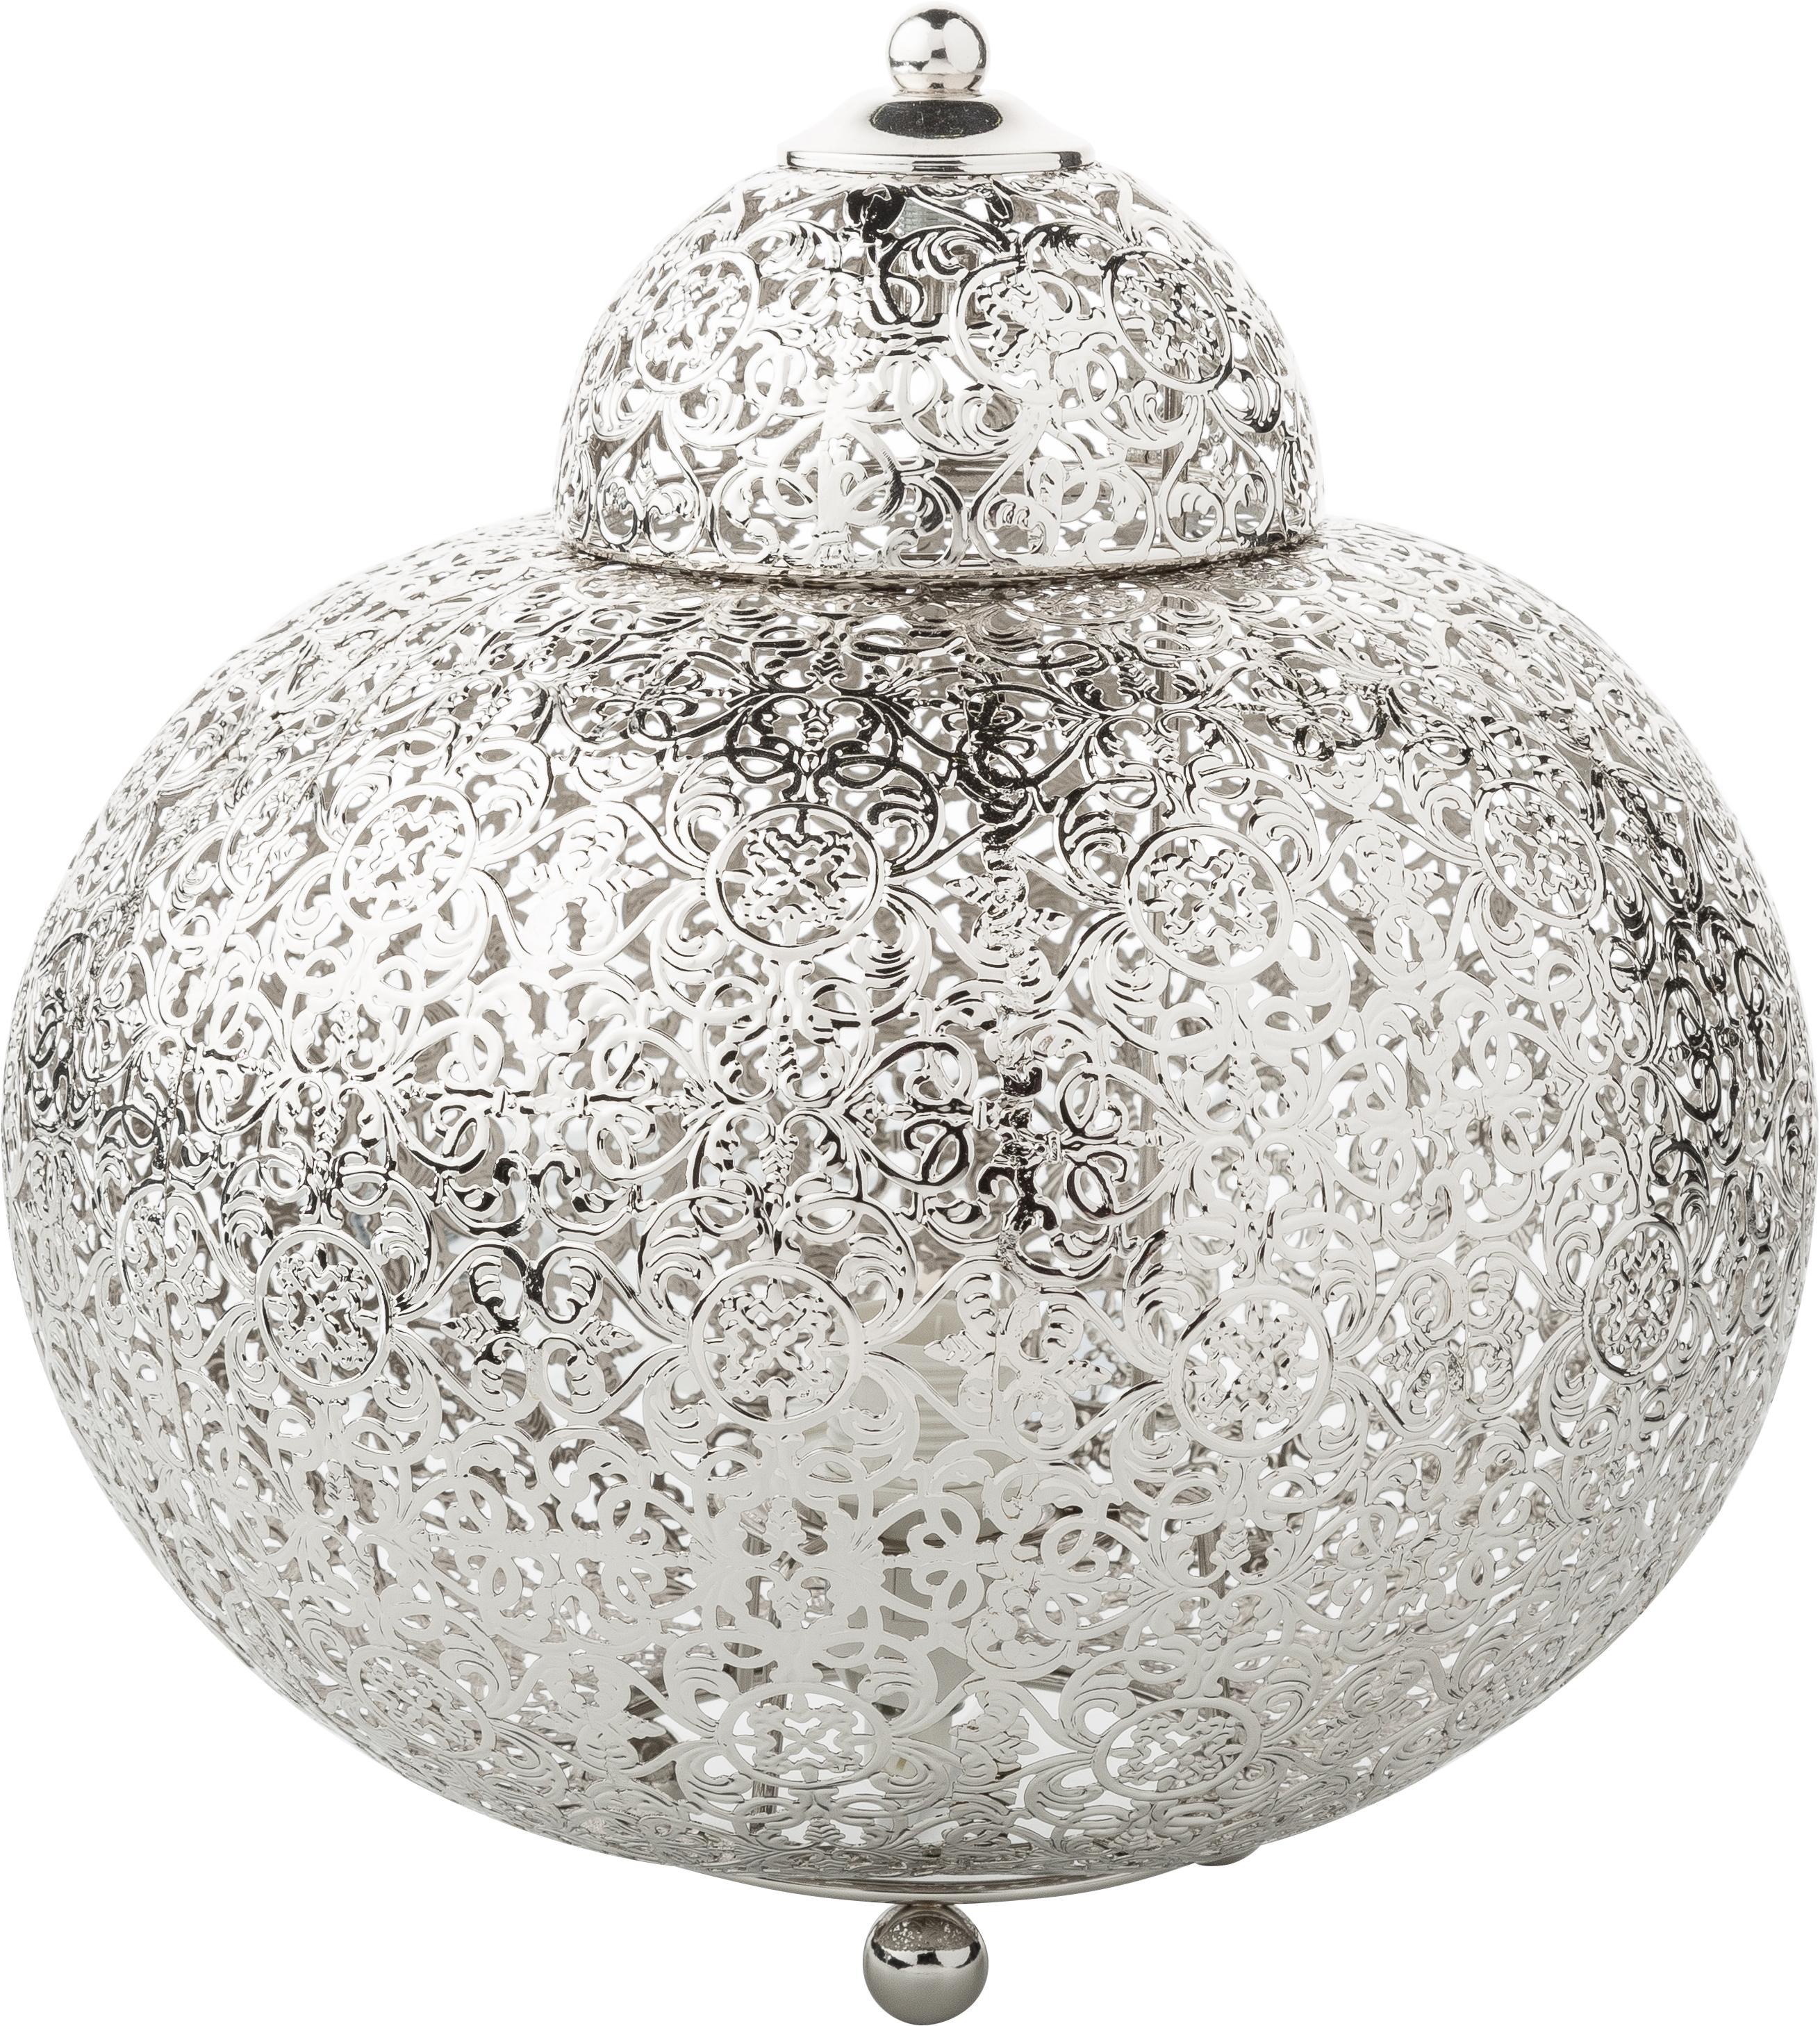 Kleine Boho-Tischlampe Marocco, Nickel, Ø 26 x H 26 cm